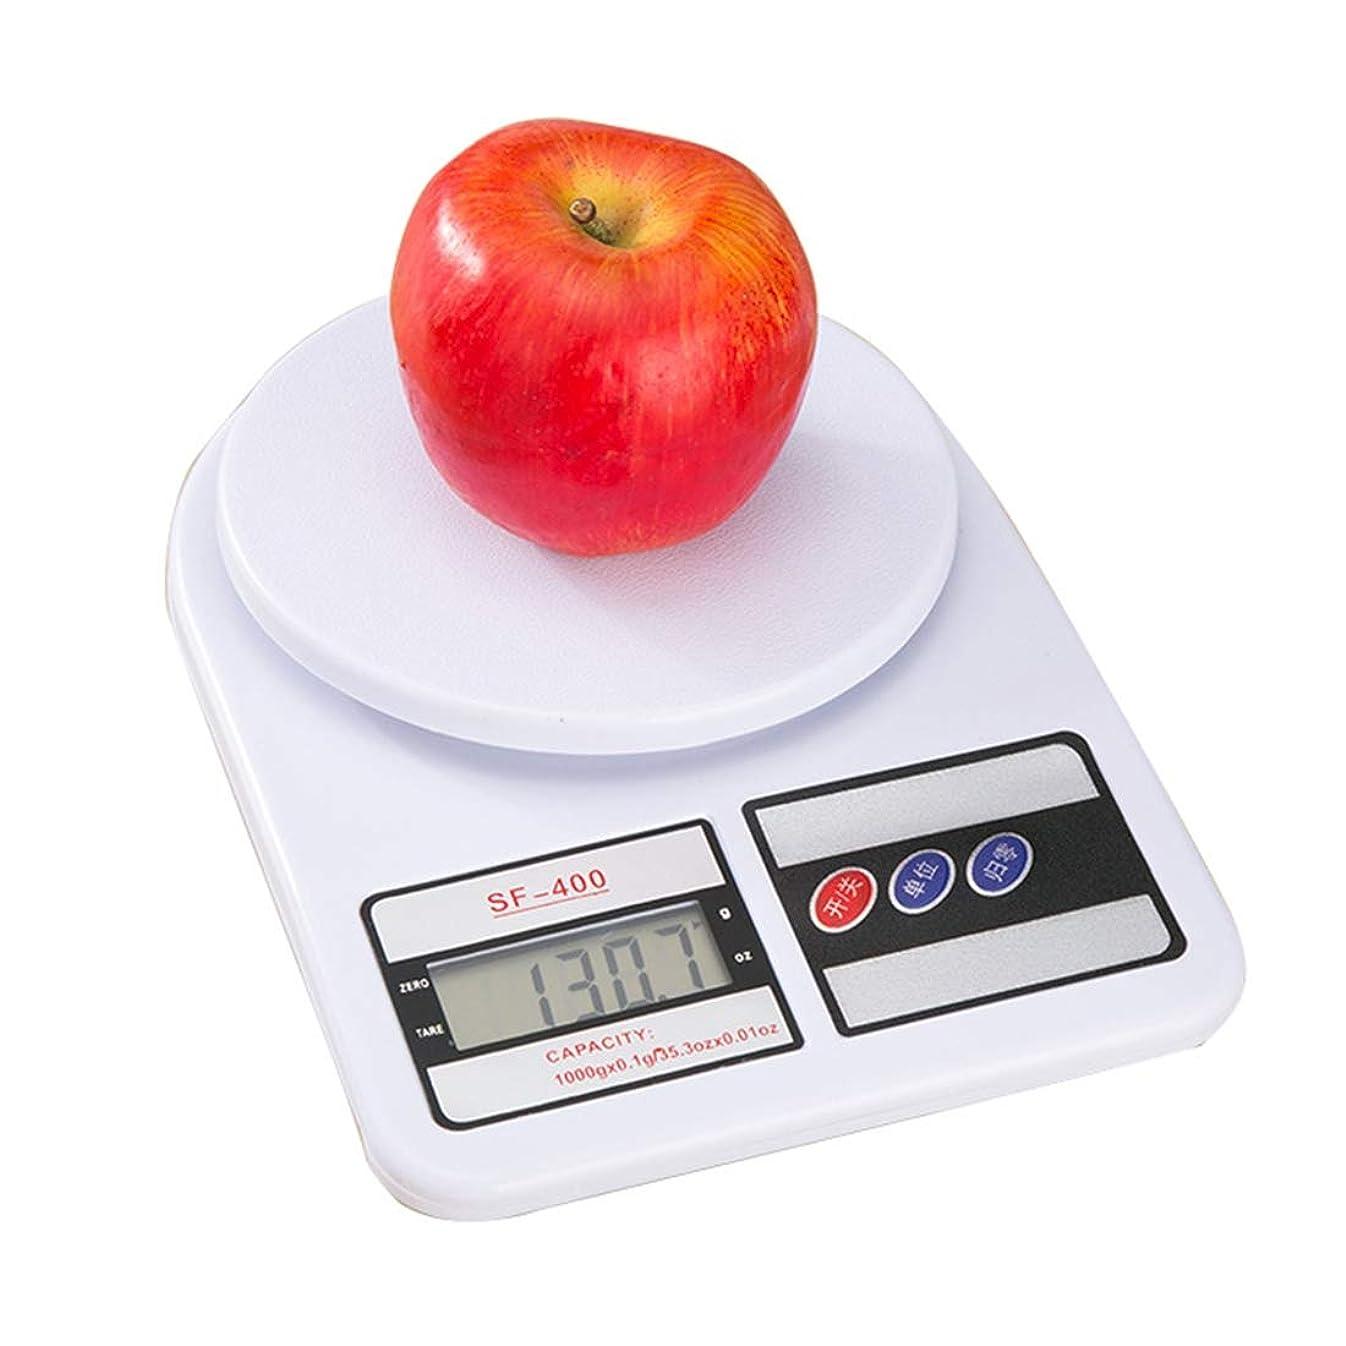 虚偽アスペクト広いキッチンサイド測定ツール 1グラムの高精度デジタル電子ポータブルキッチンスケール、最大計量1キロ